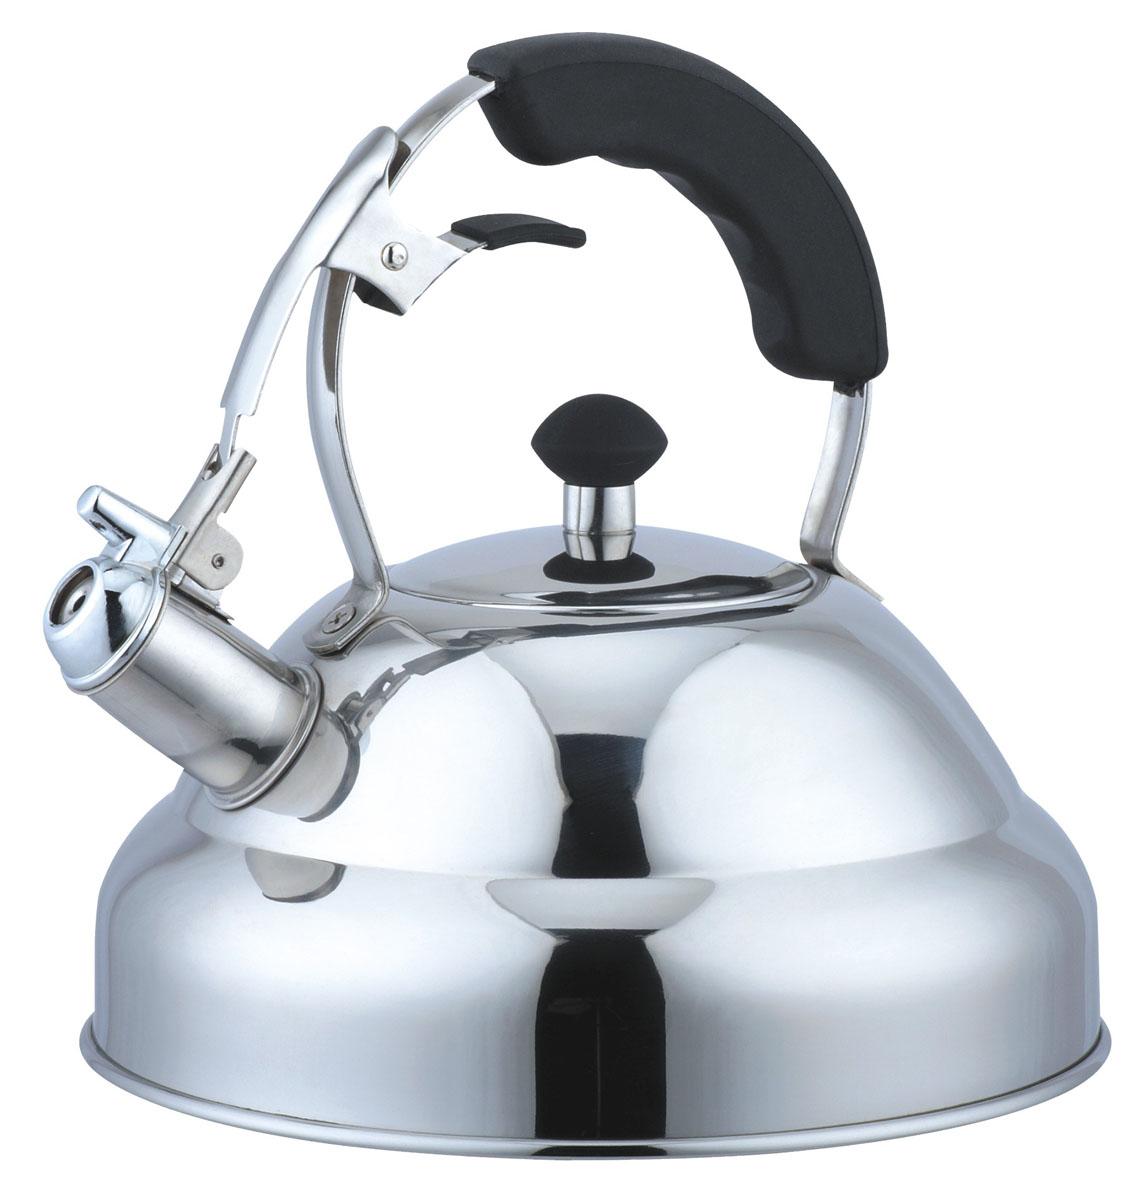 Чайник Bekker Koch со свистком, 3 л. BK-S453 набор открывалок bekker bk 453